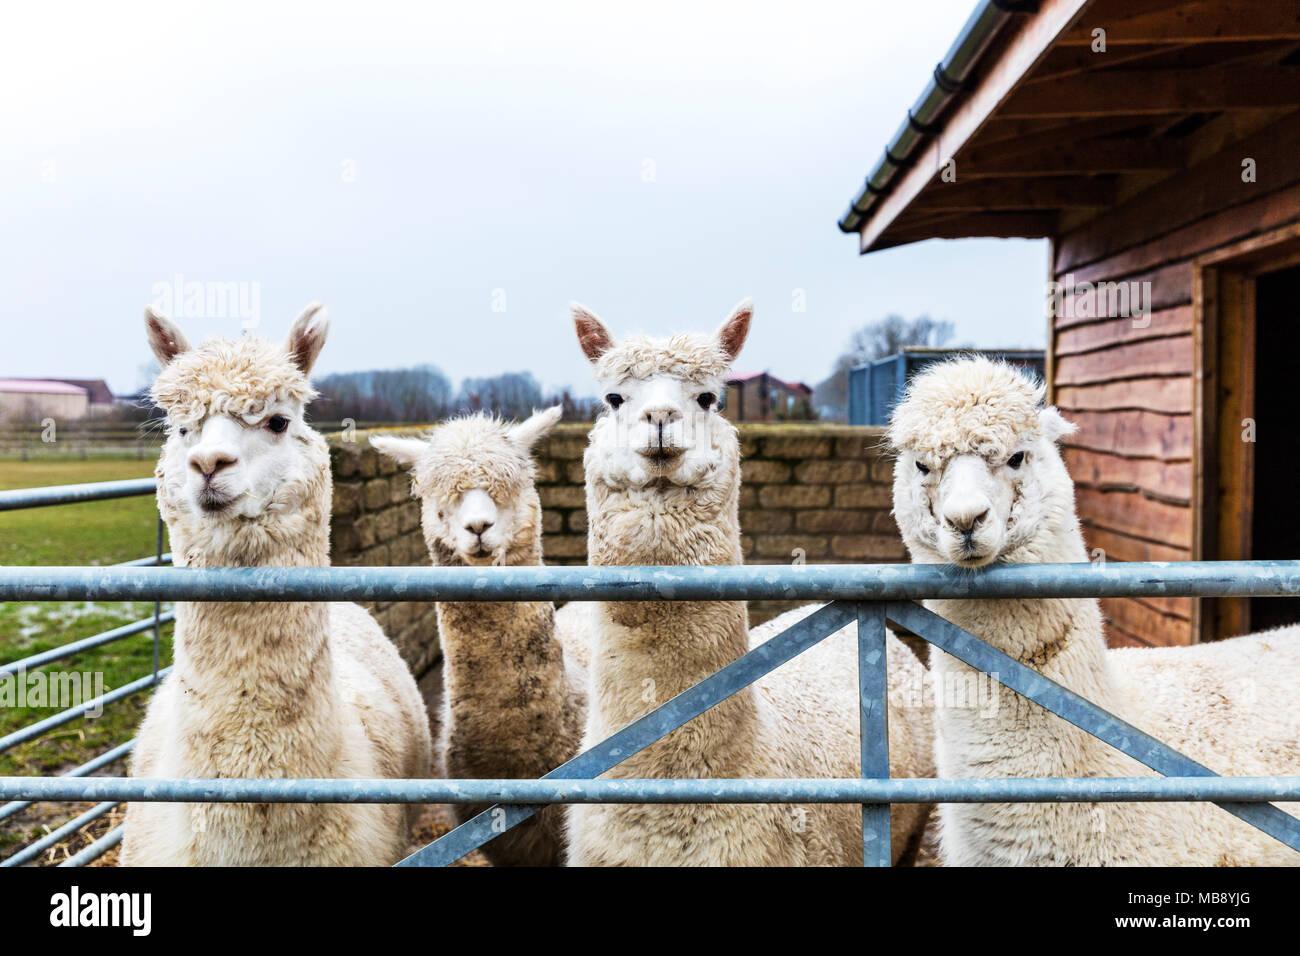 La fattoria degli alpaca, alpaca, Vicugna pacos, specie animali domestiche di South American camelid, alpaca, alpaca guardando sopra la recinzione, carino alpaca, simpatici animali Immagini Stock